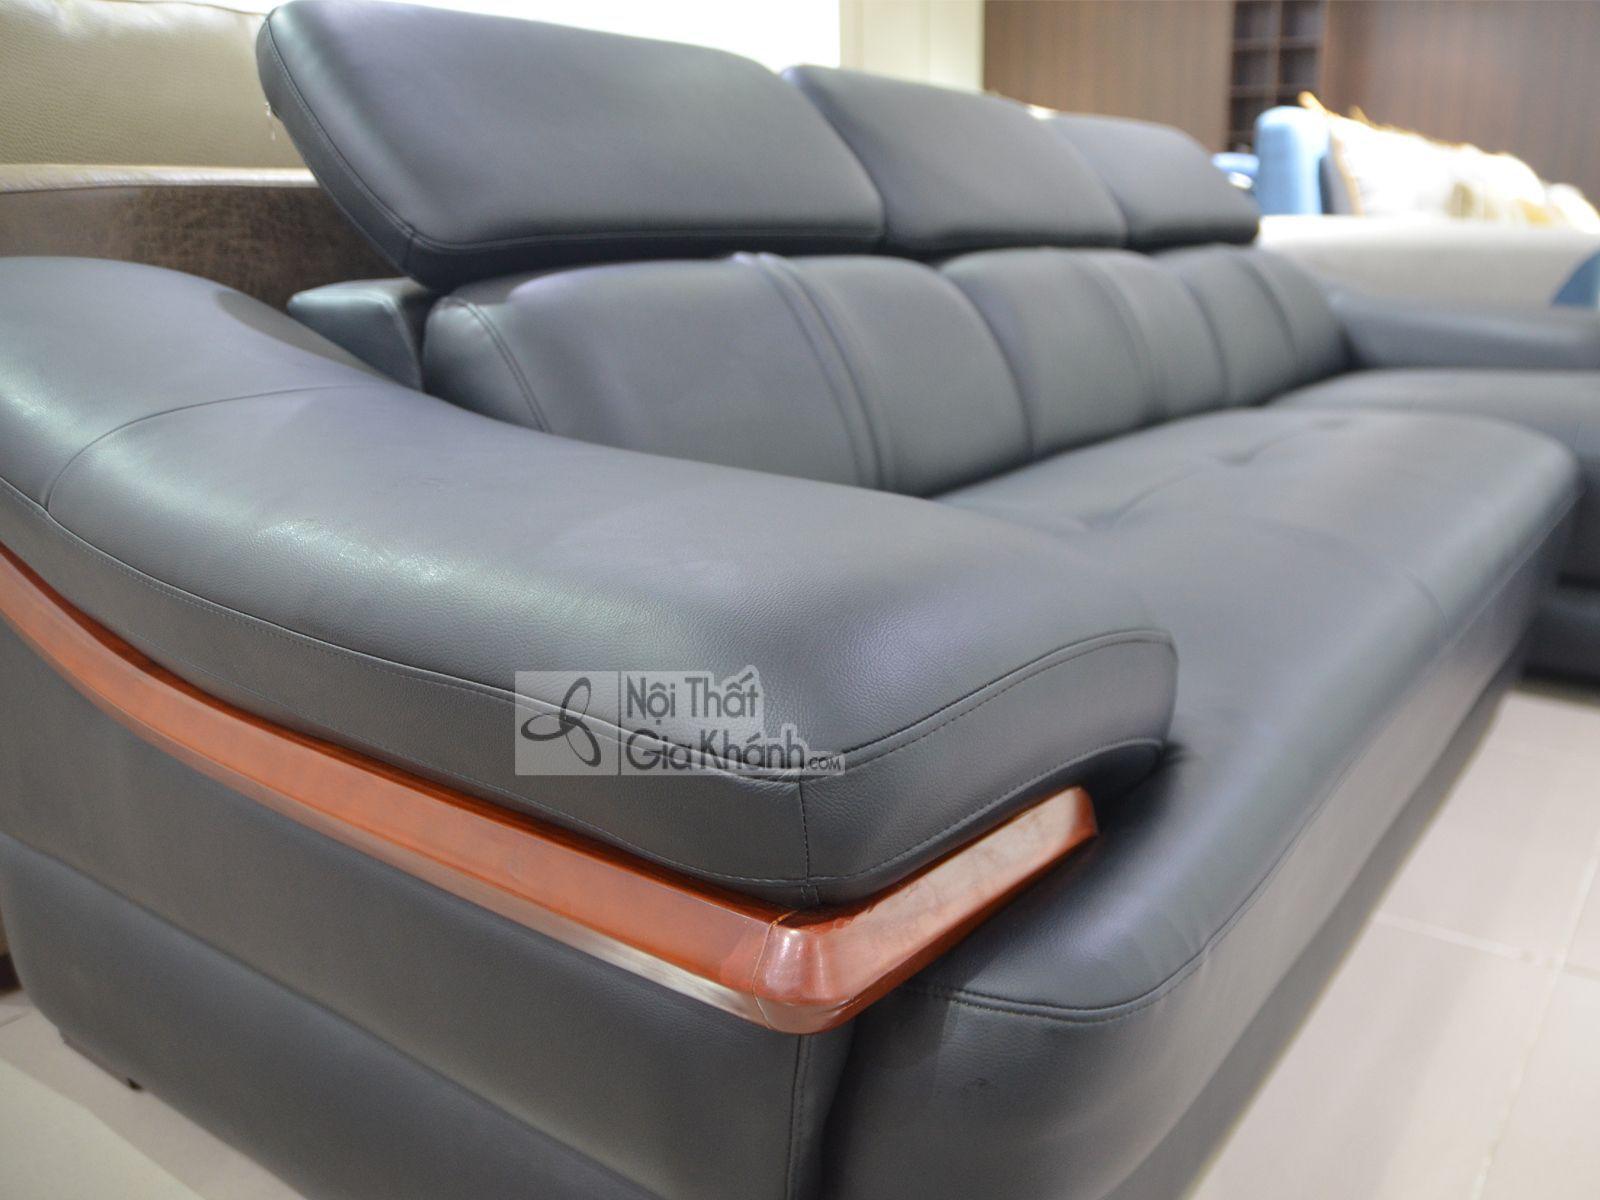 sofa da phong khach 6725d sf 2 - Sofa da 2 băng góc trái ST0672-2-C1